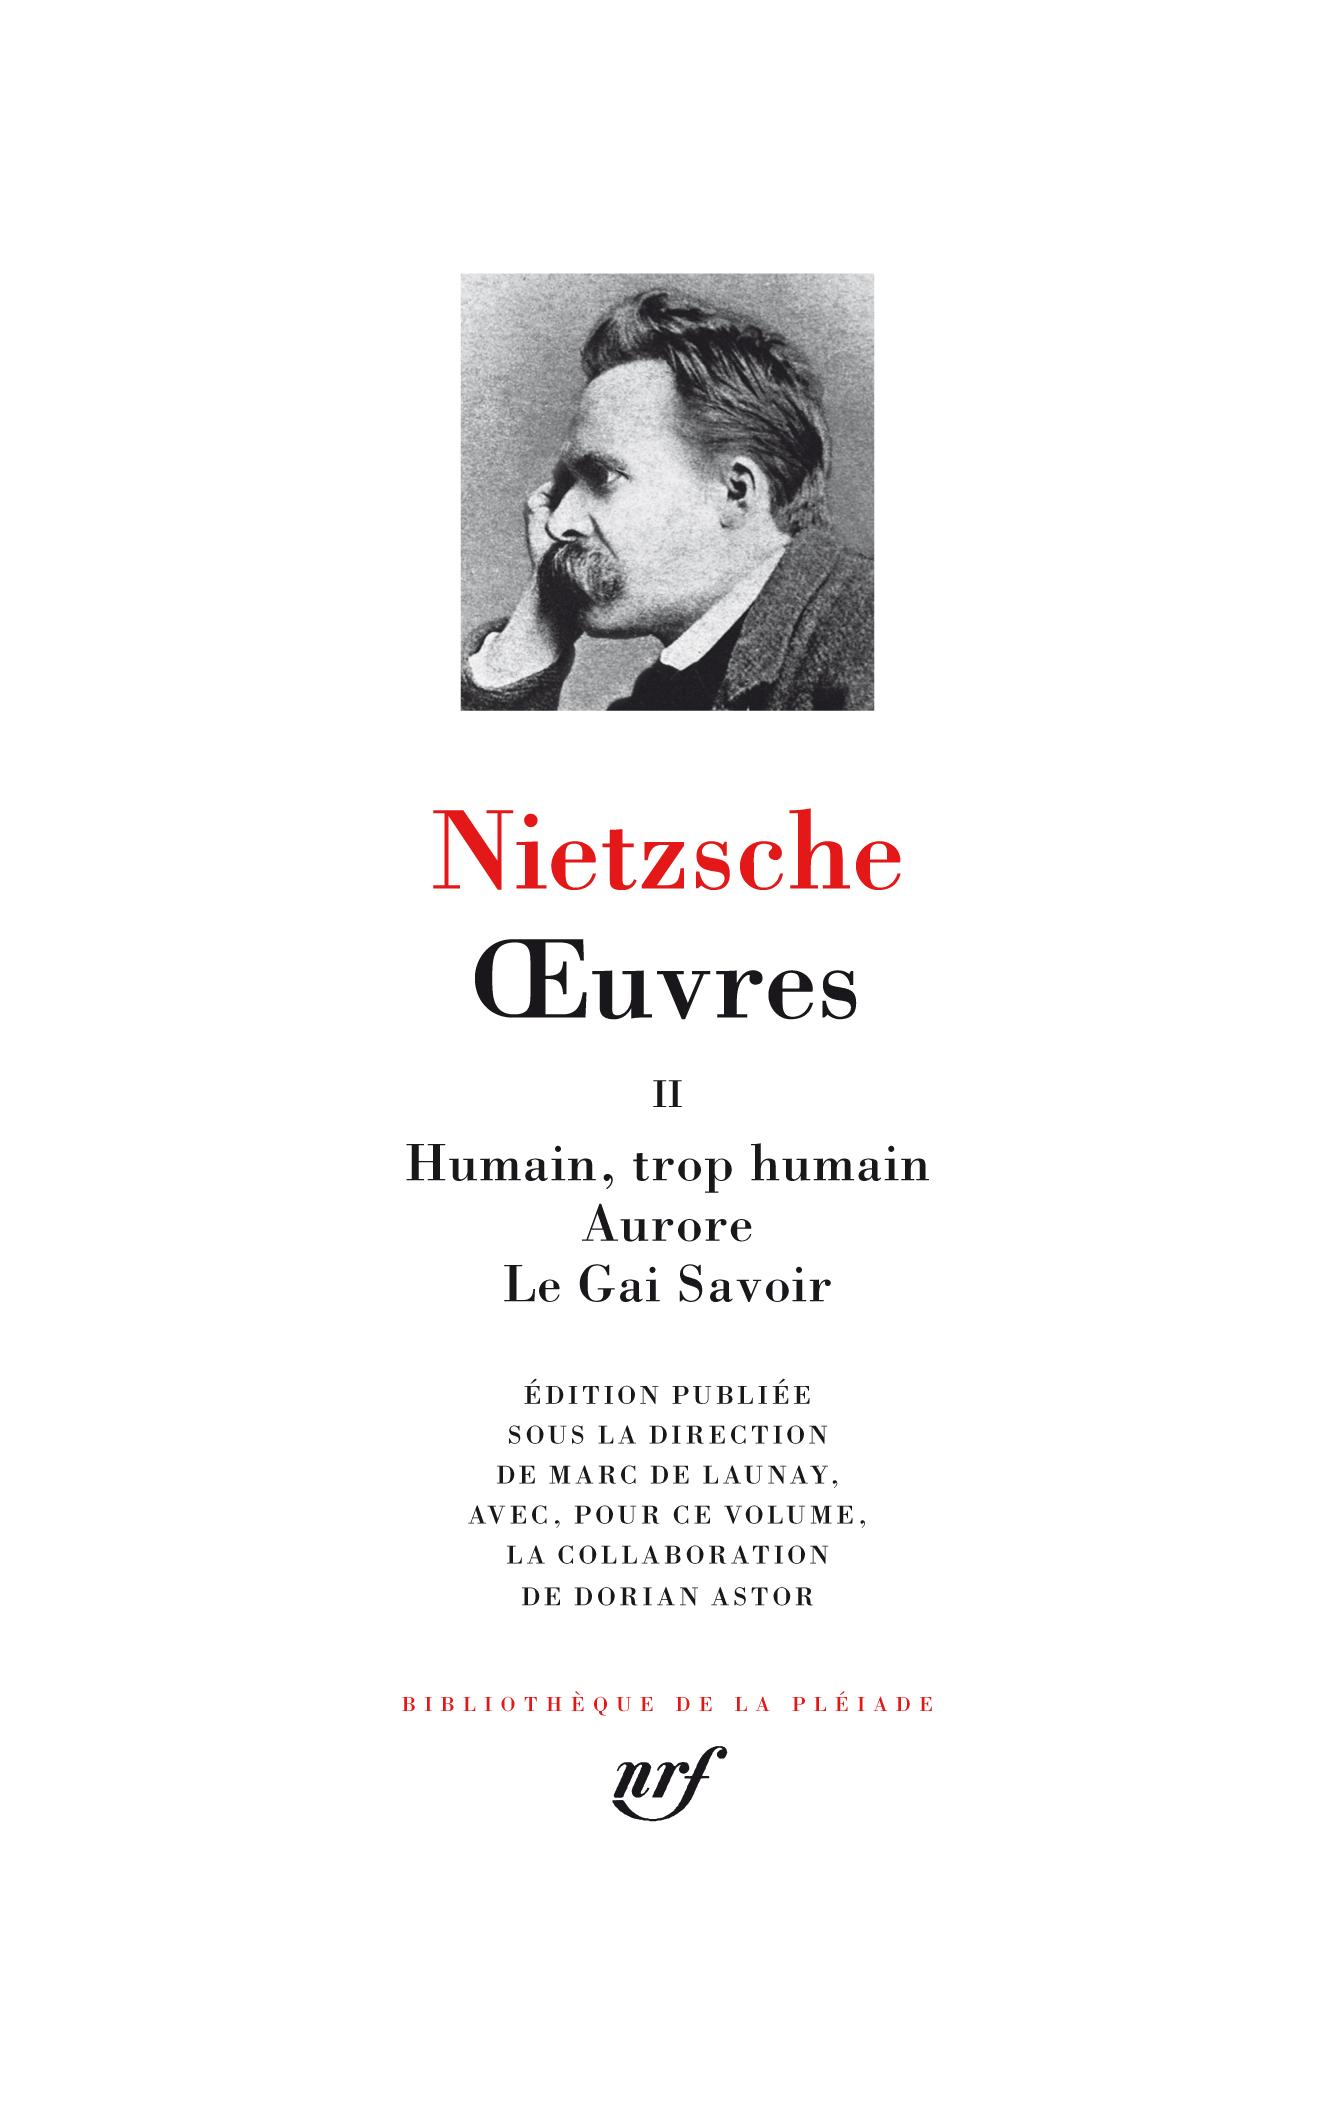 Friedrich Nietzsche, Œuvres, tome II